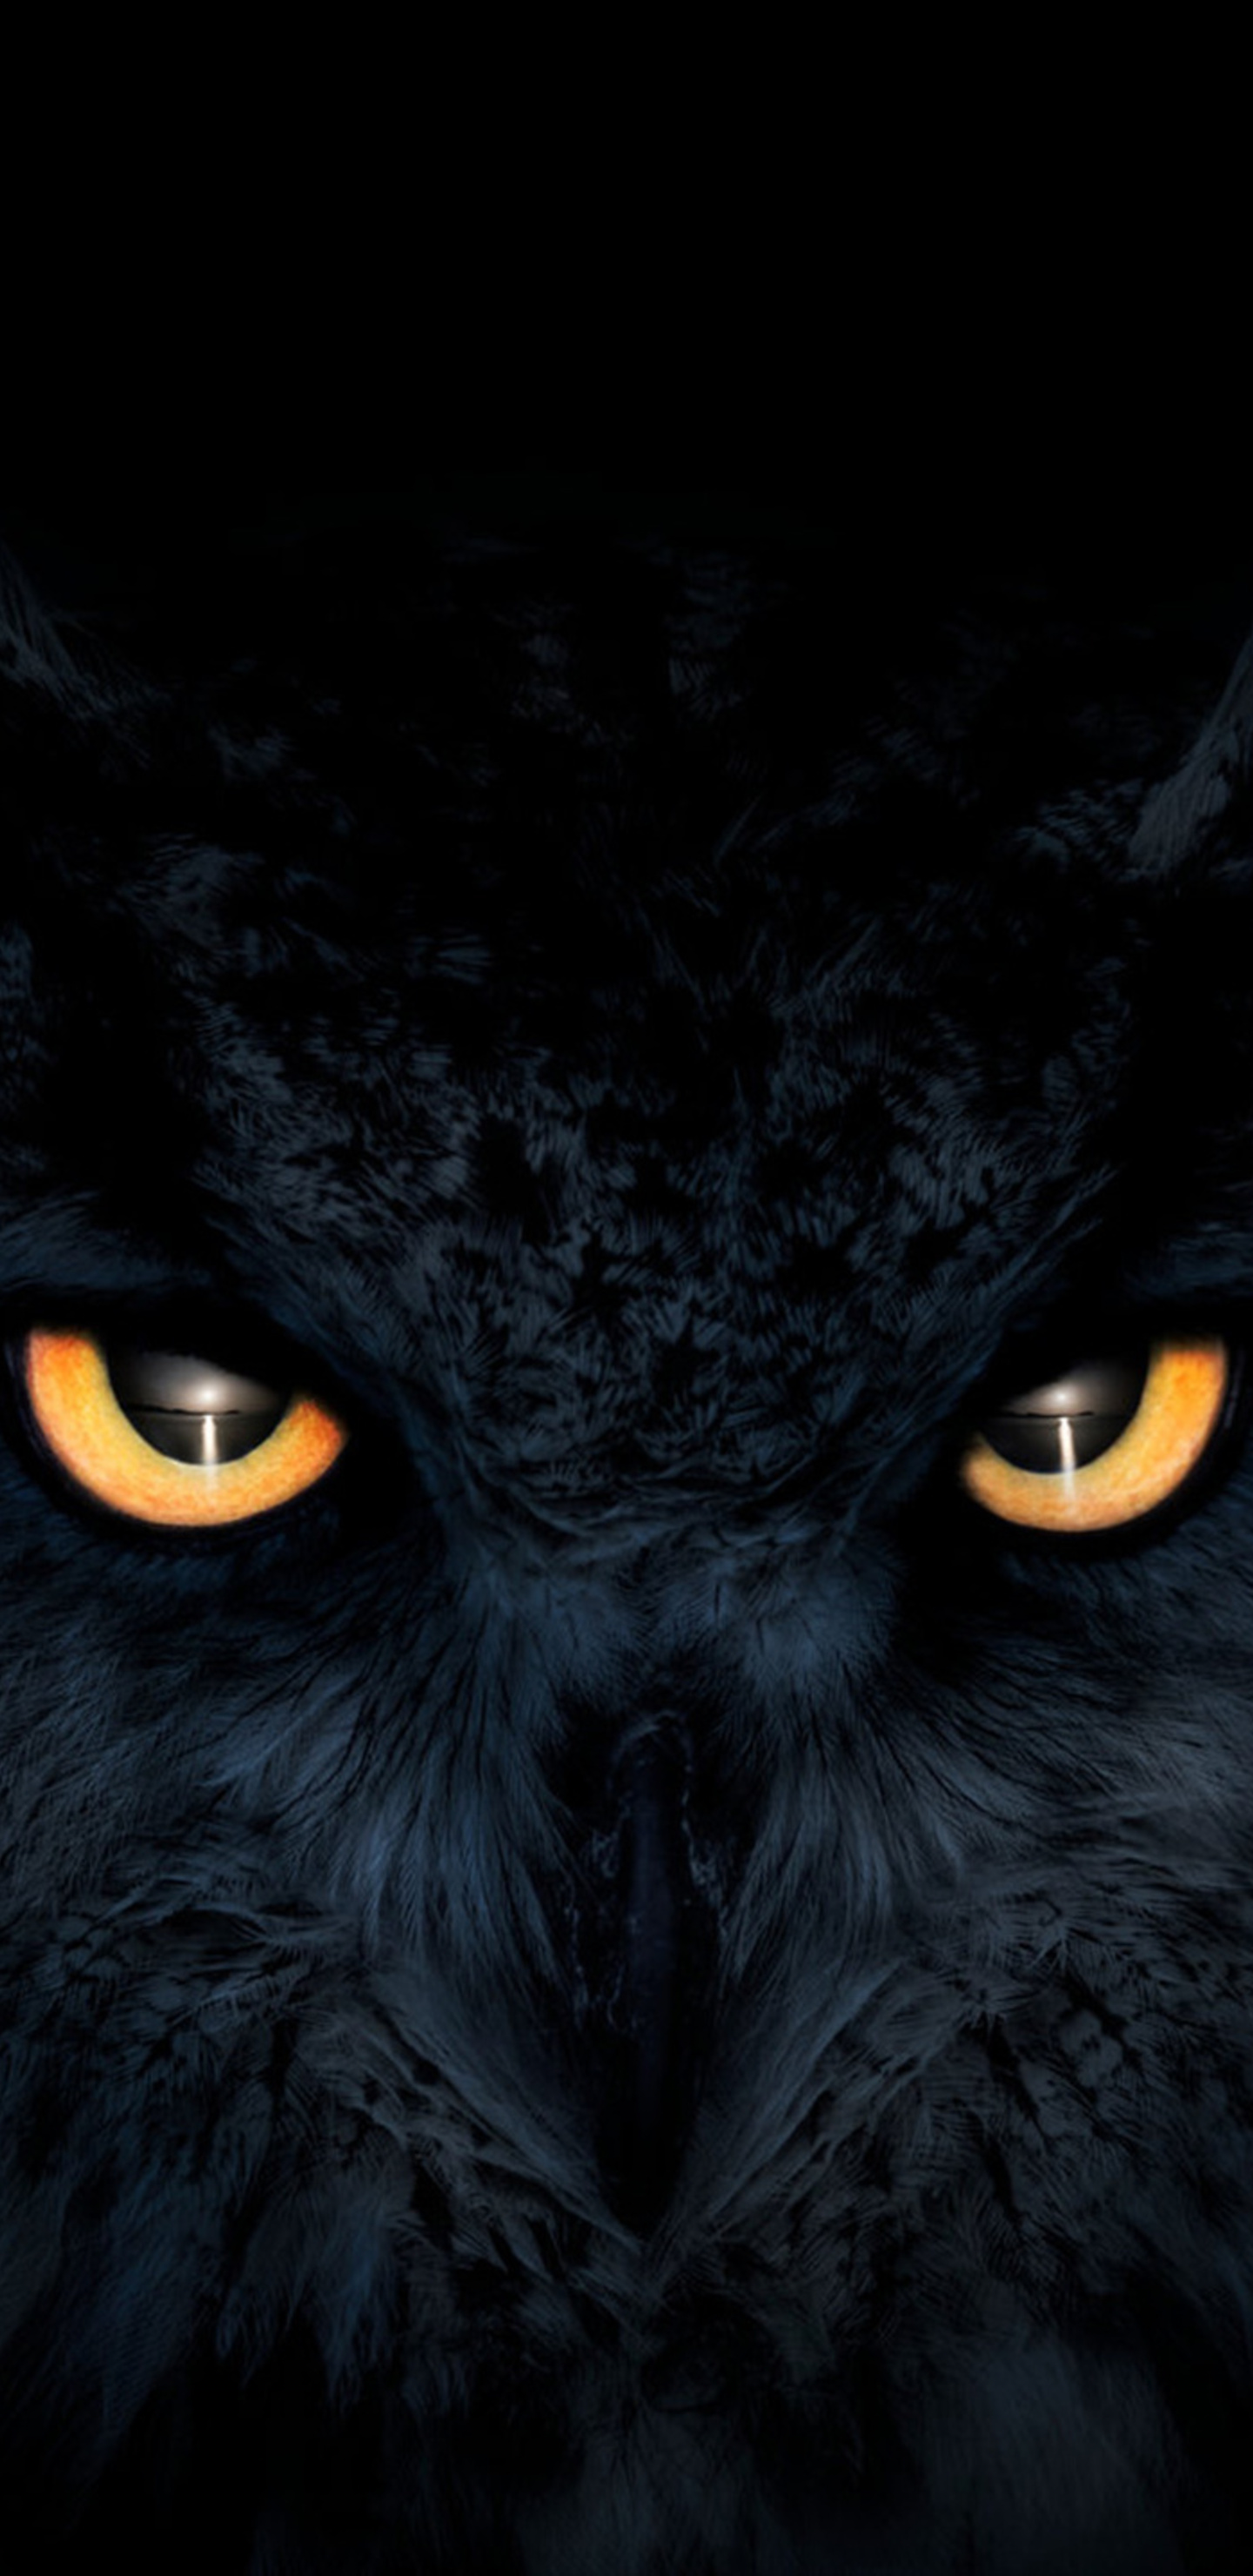 owl-dark-glowing-eyes-y3.jpg